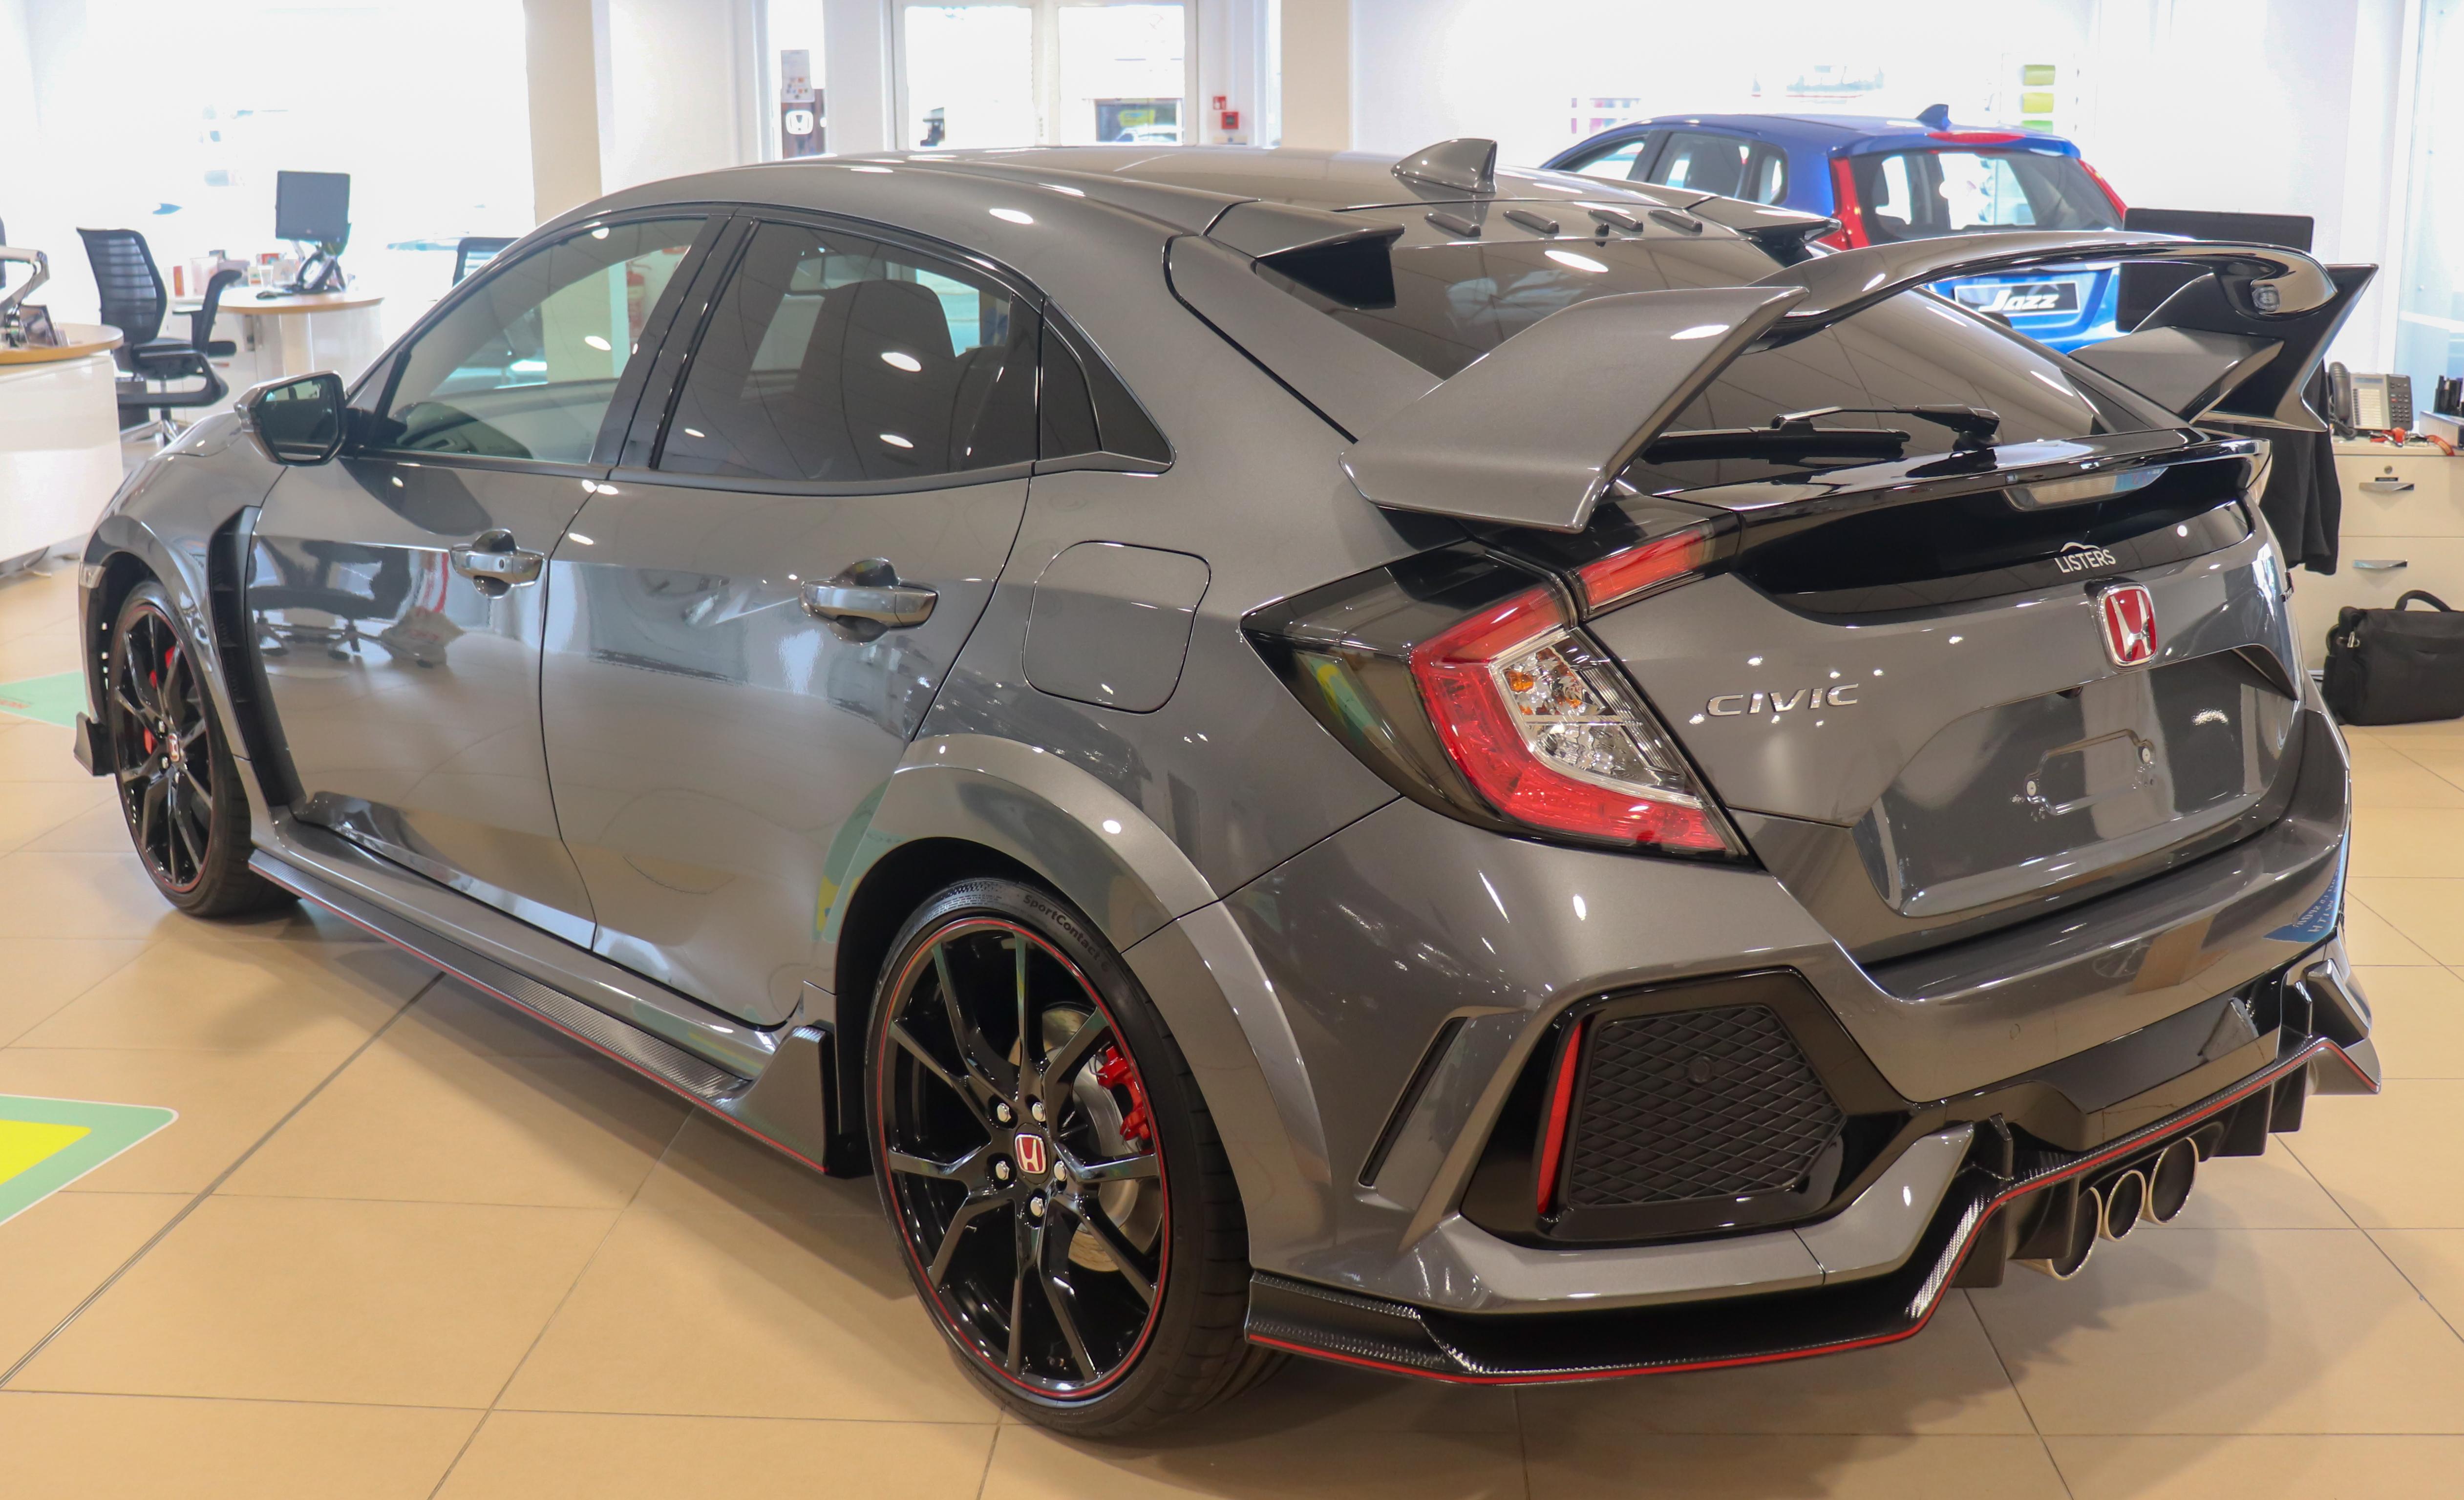 Kelebihan Kekurangan Honda Gt Tangguh